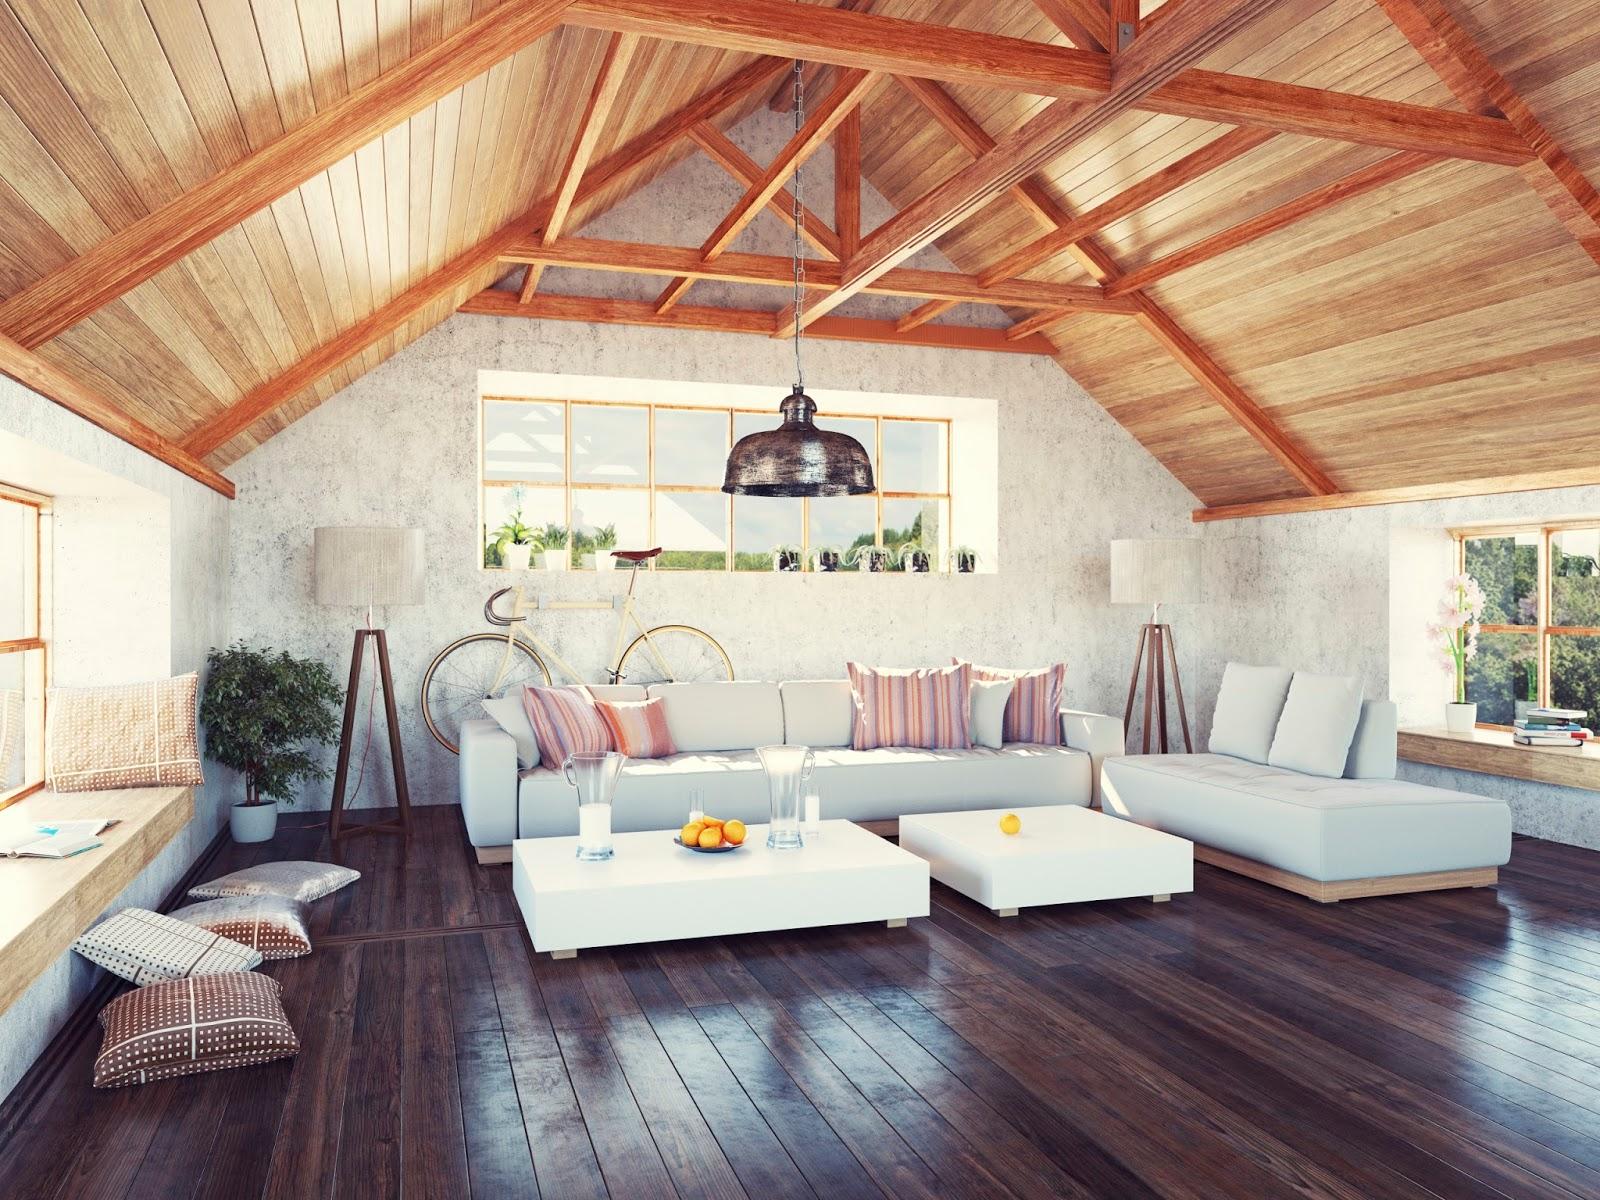 Design a room in the attic: turn the cluttered attic into a cozy attic 60